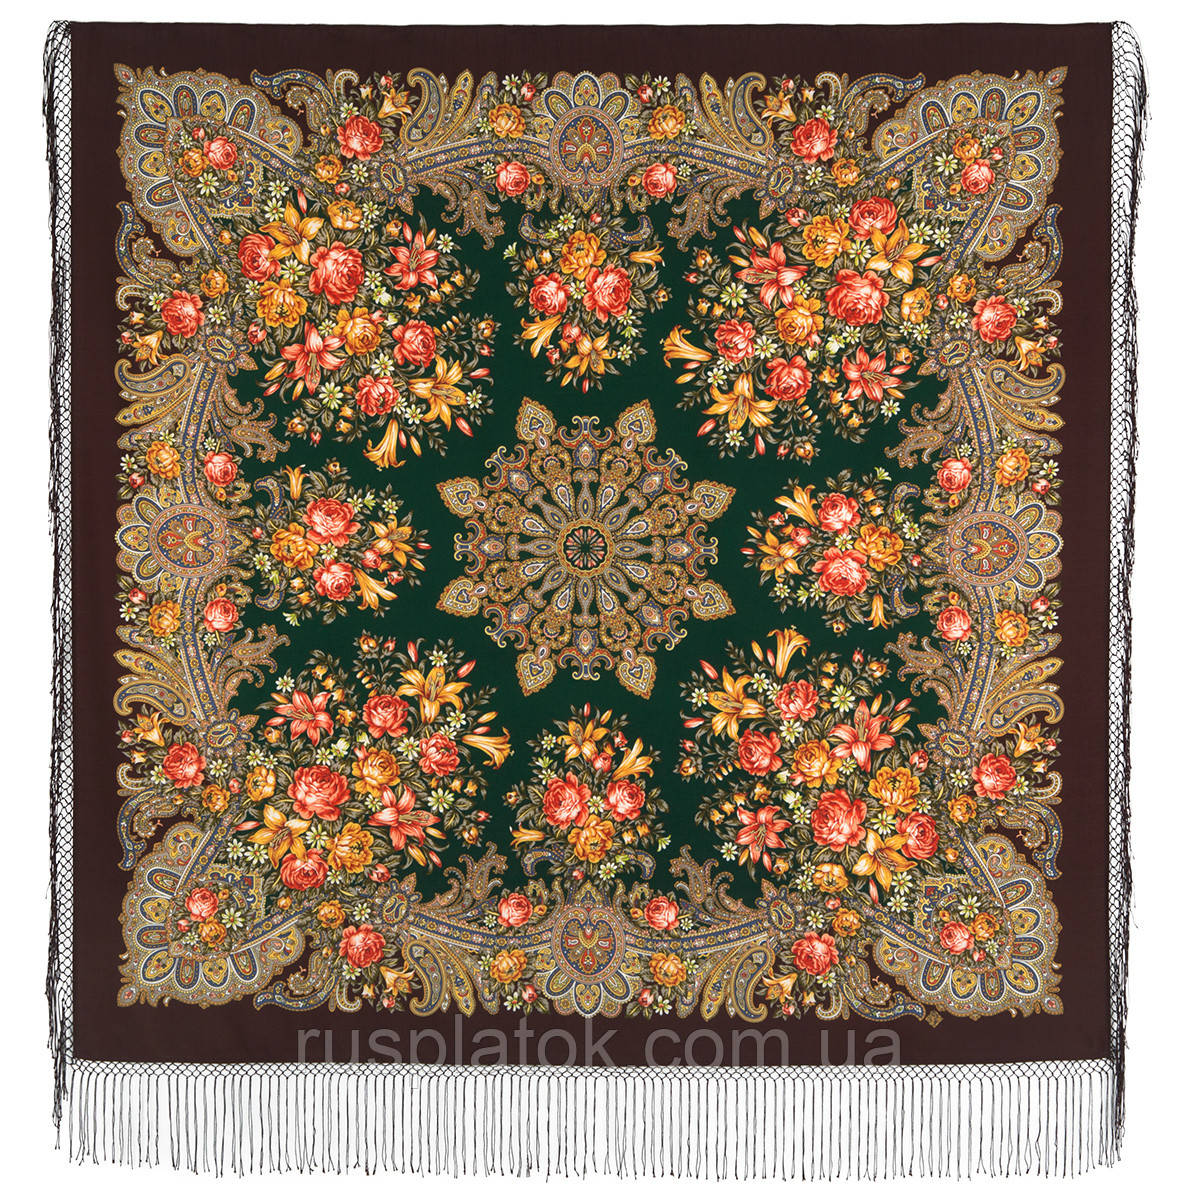 Донские зори 1801-17, павлопосадский платок шерстяной (двуниточная шерсть) с шелковой вязаной бахромой